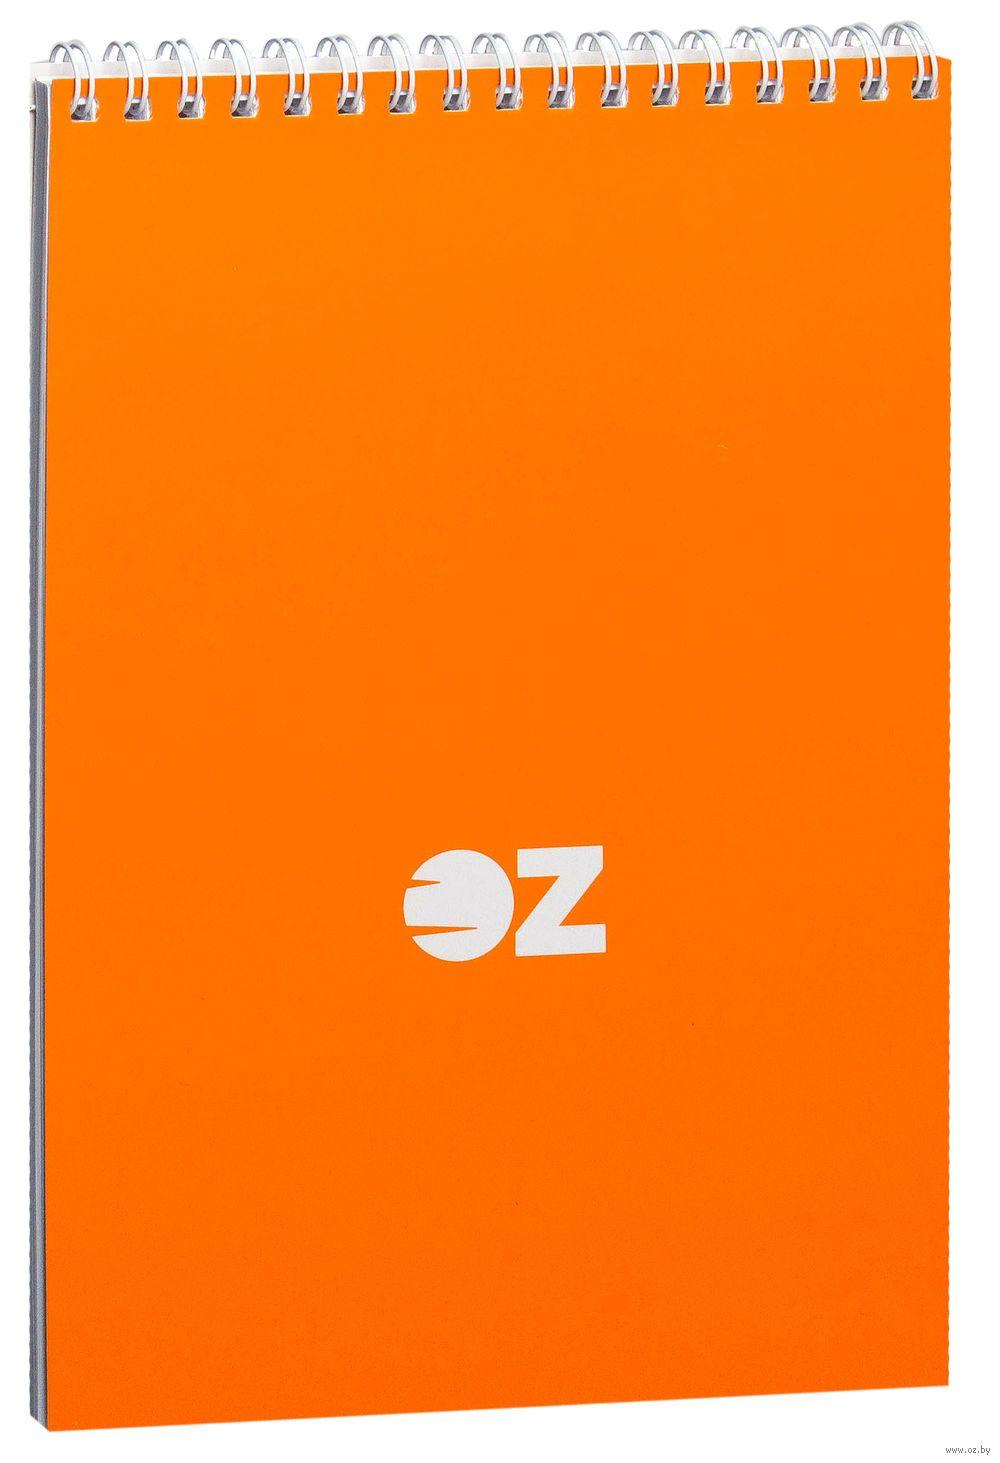 Большой блокнот OZ (A5)   купить в Минске в интернет-магазине с доставкой  по Беларуси — OZ.by. ef7d0fa19af